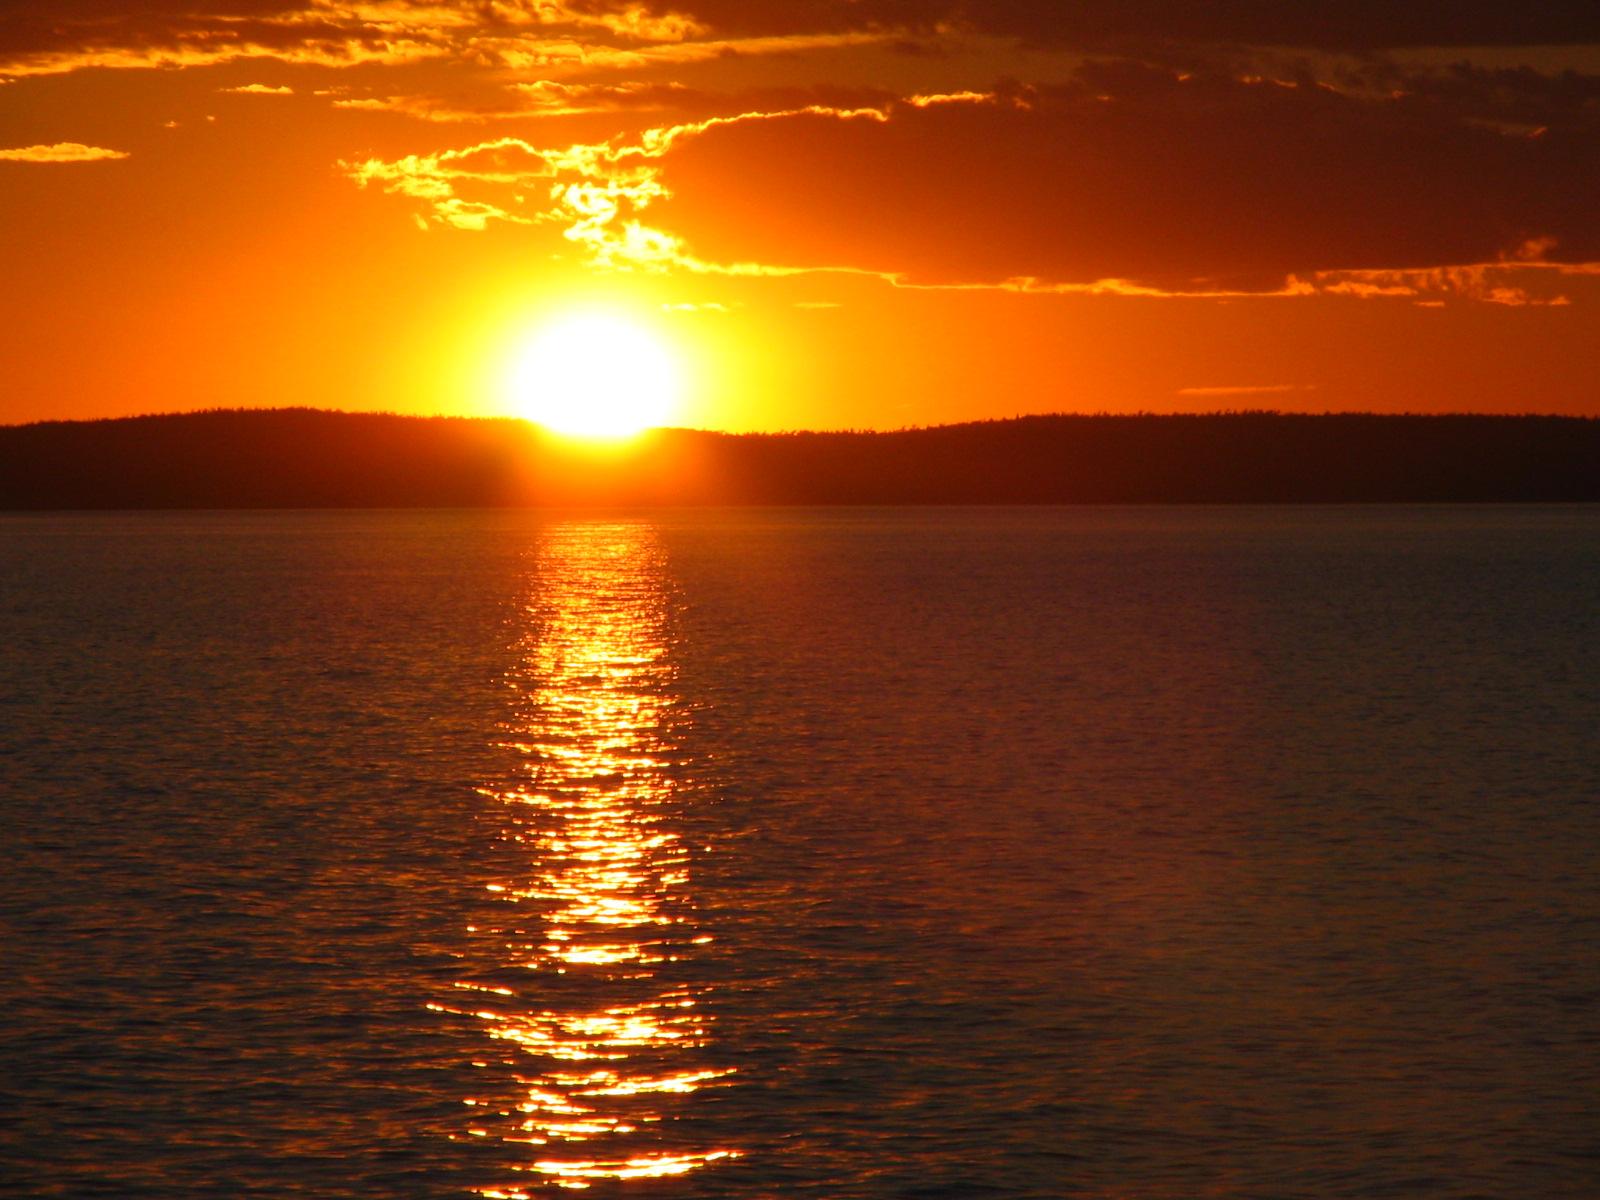 Vis le jour d aujourd hui pri re trouv e sur une s ur - Heure du coucher de soleil aujourd hui ...